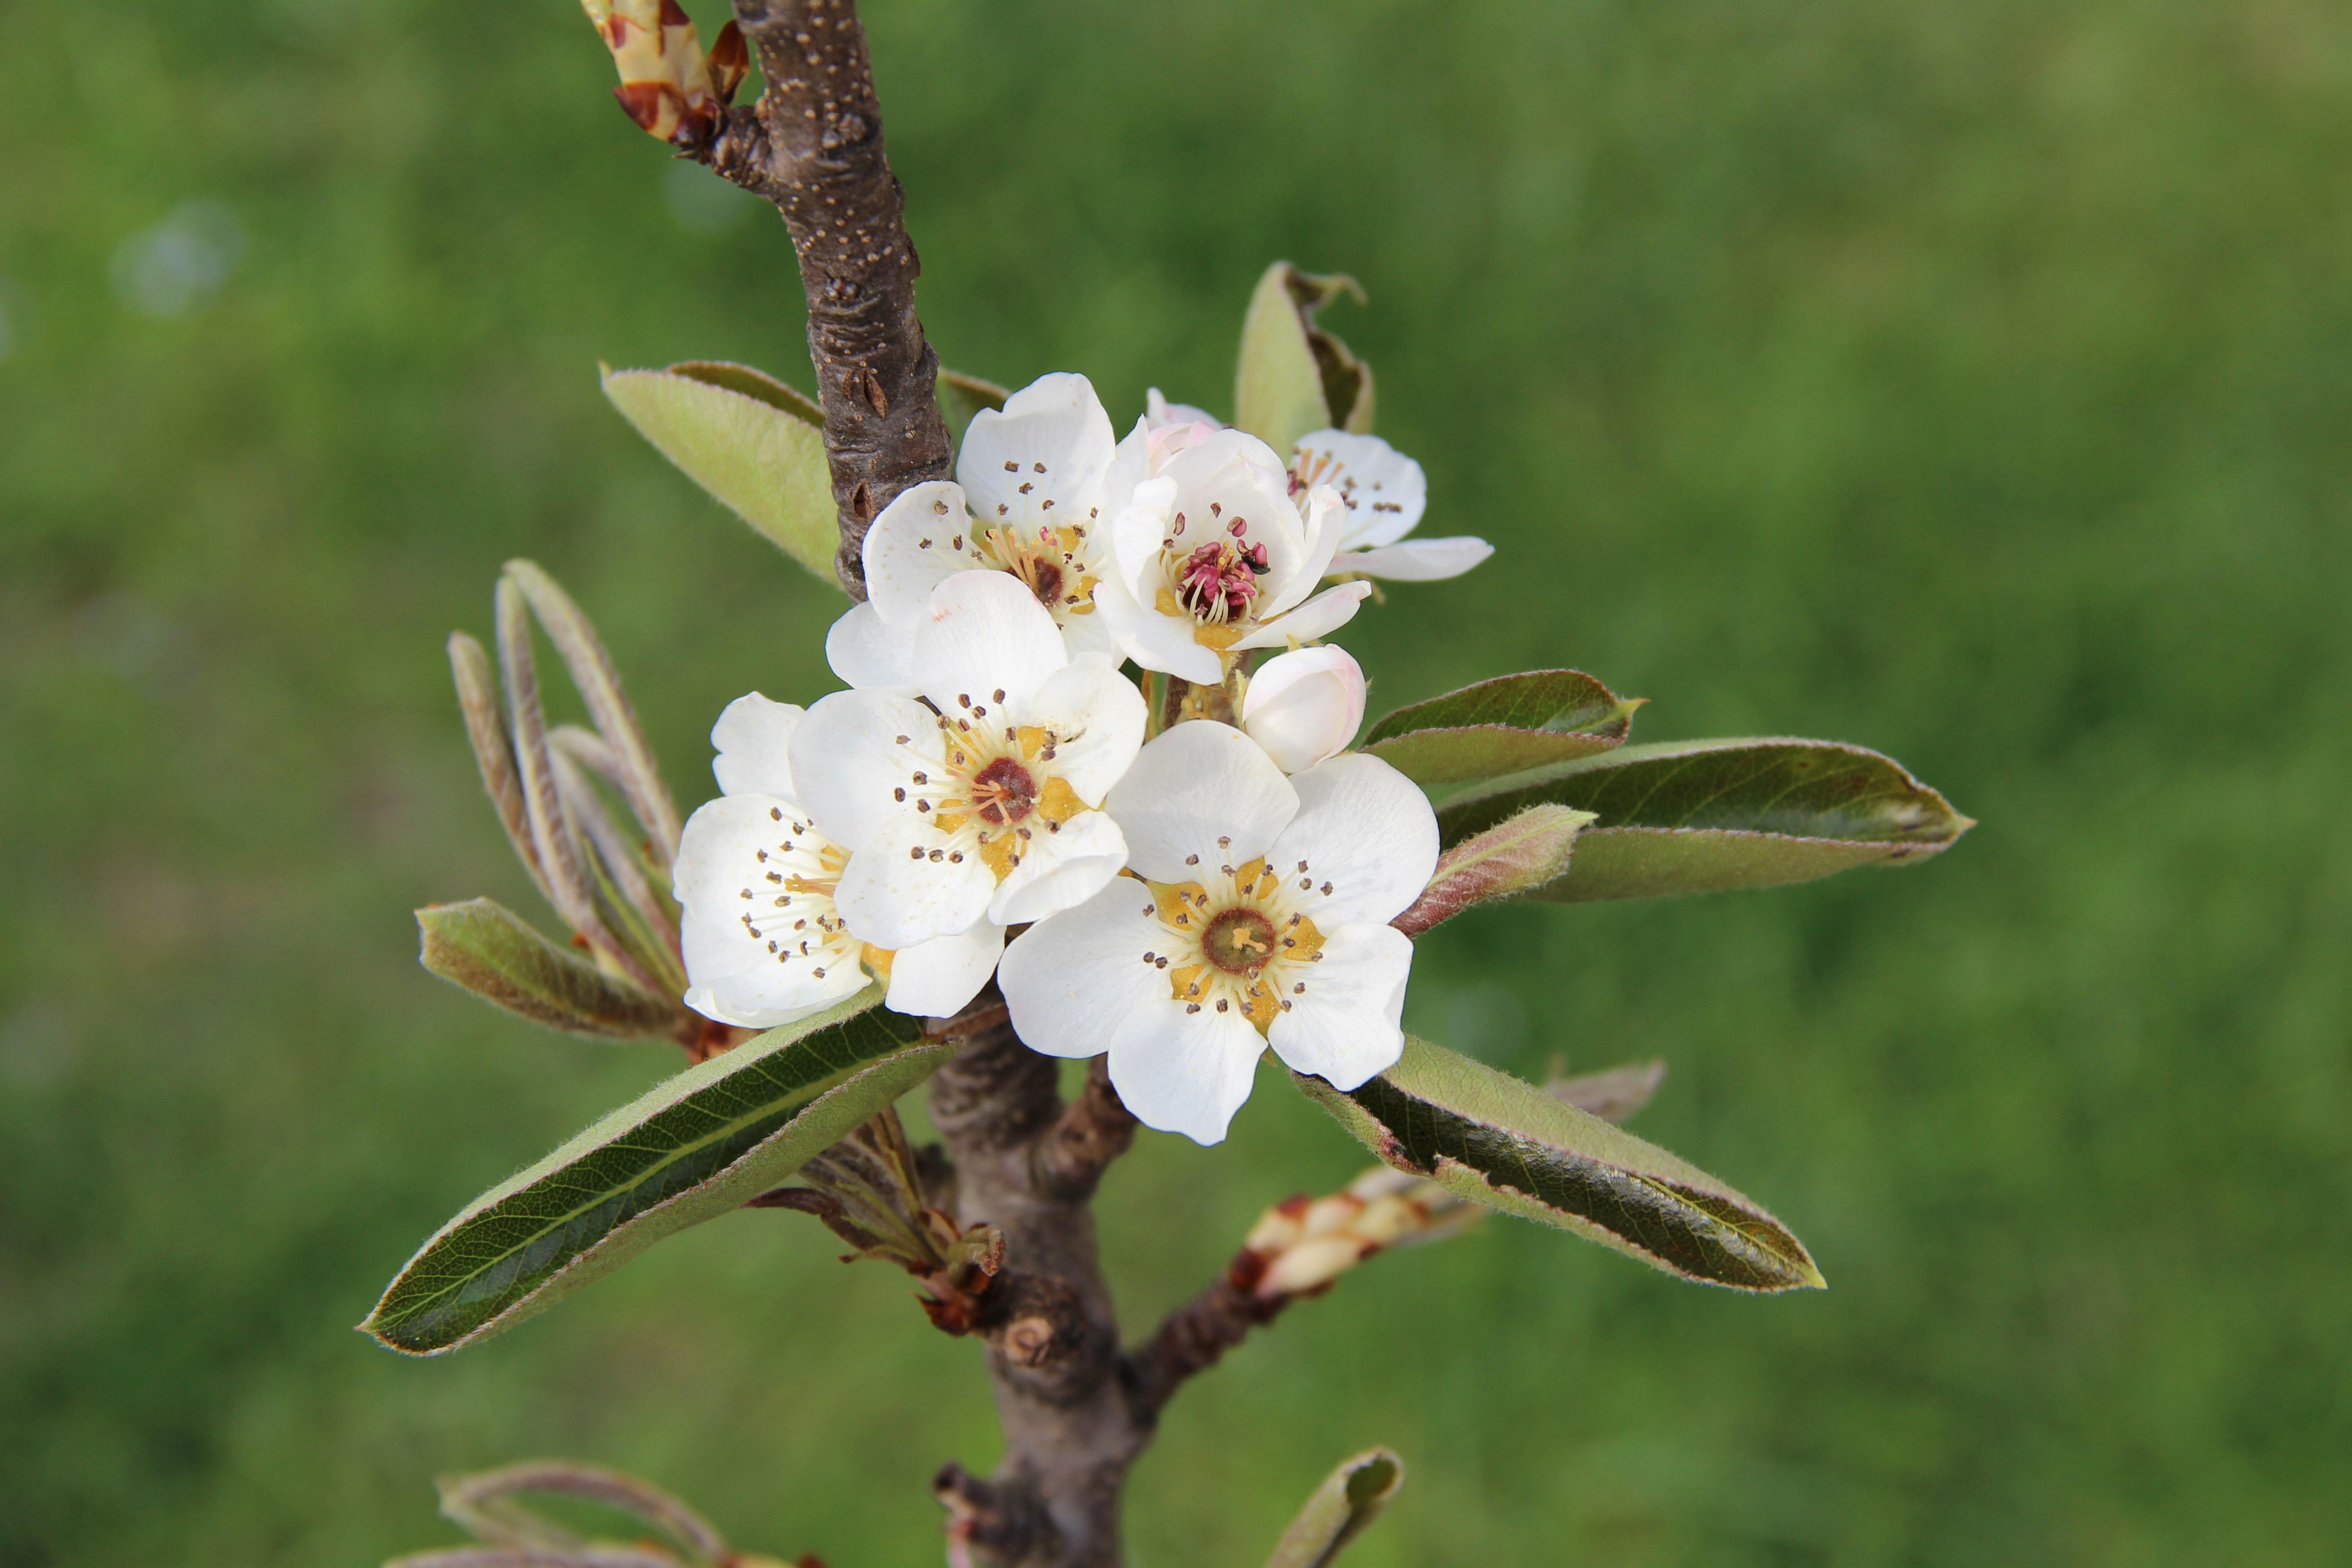 Images Gratuites Fleur Printemps Flore Arbre Fruitier Fleur